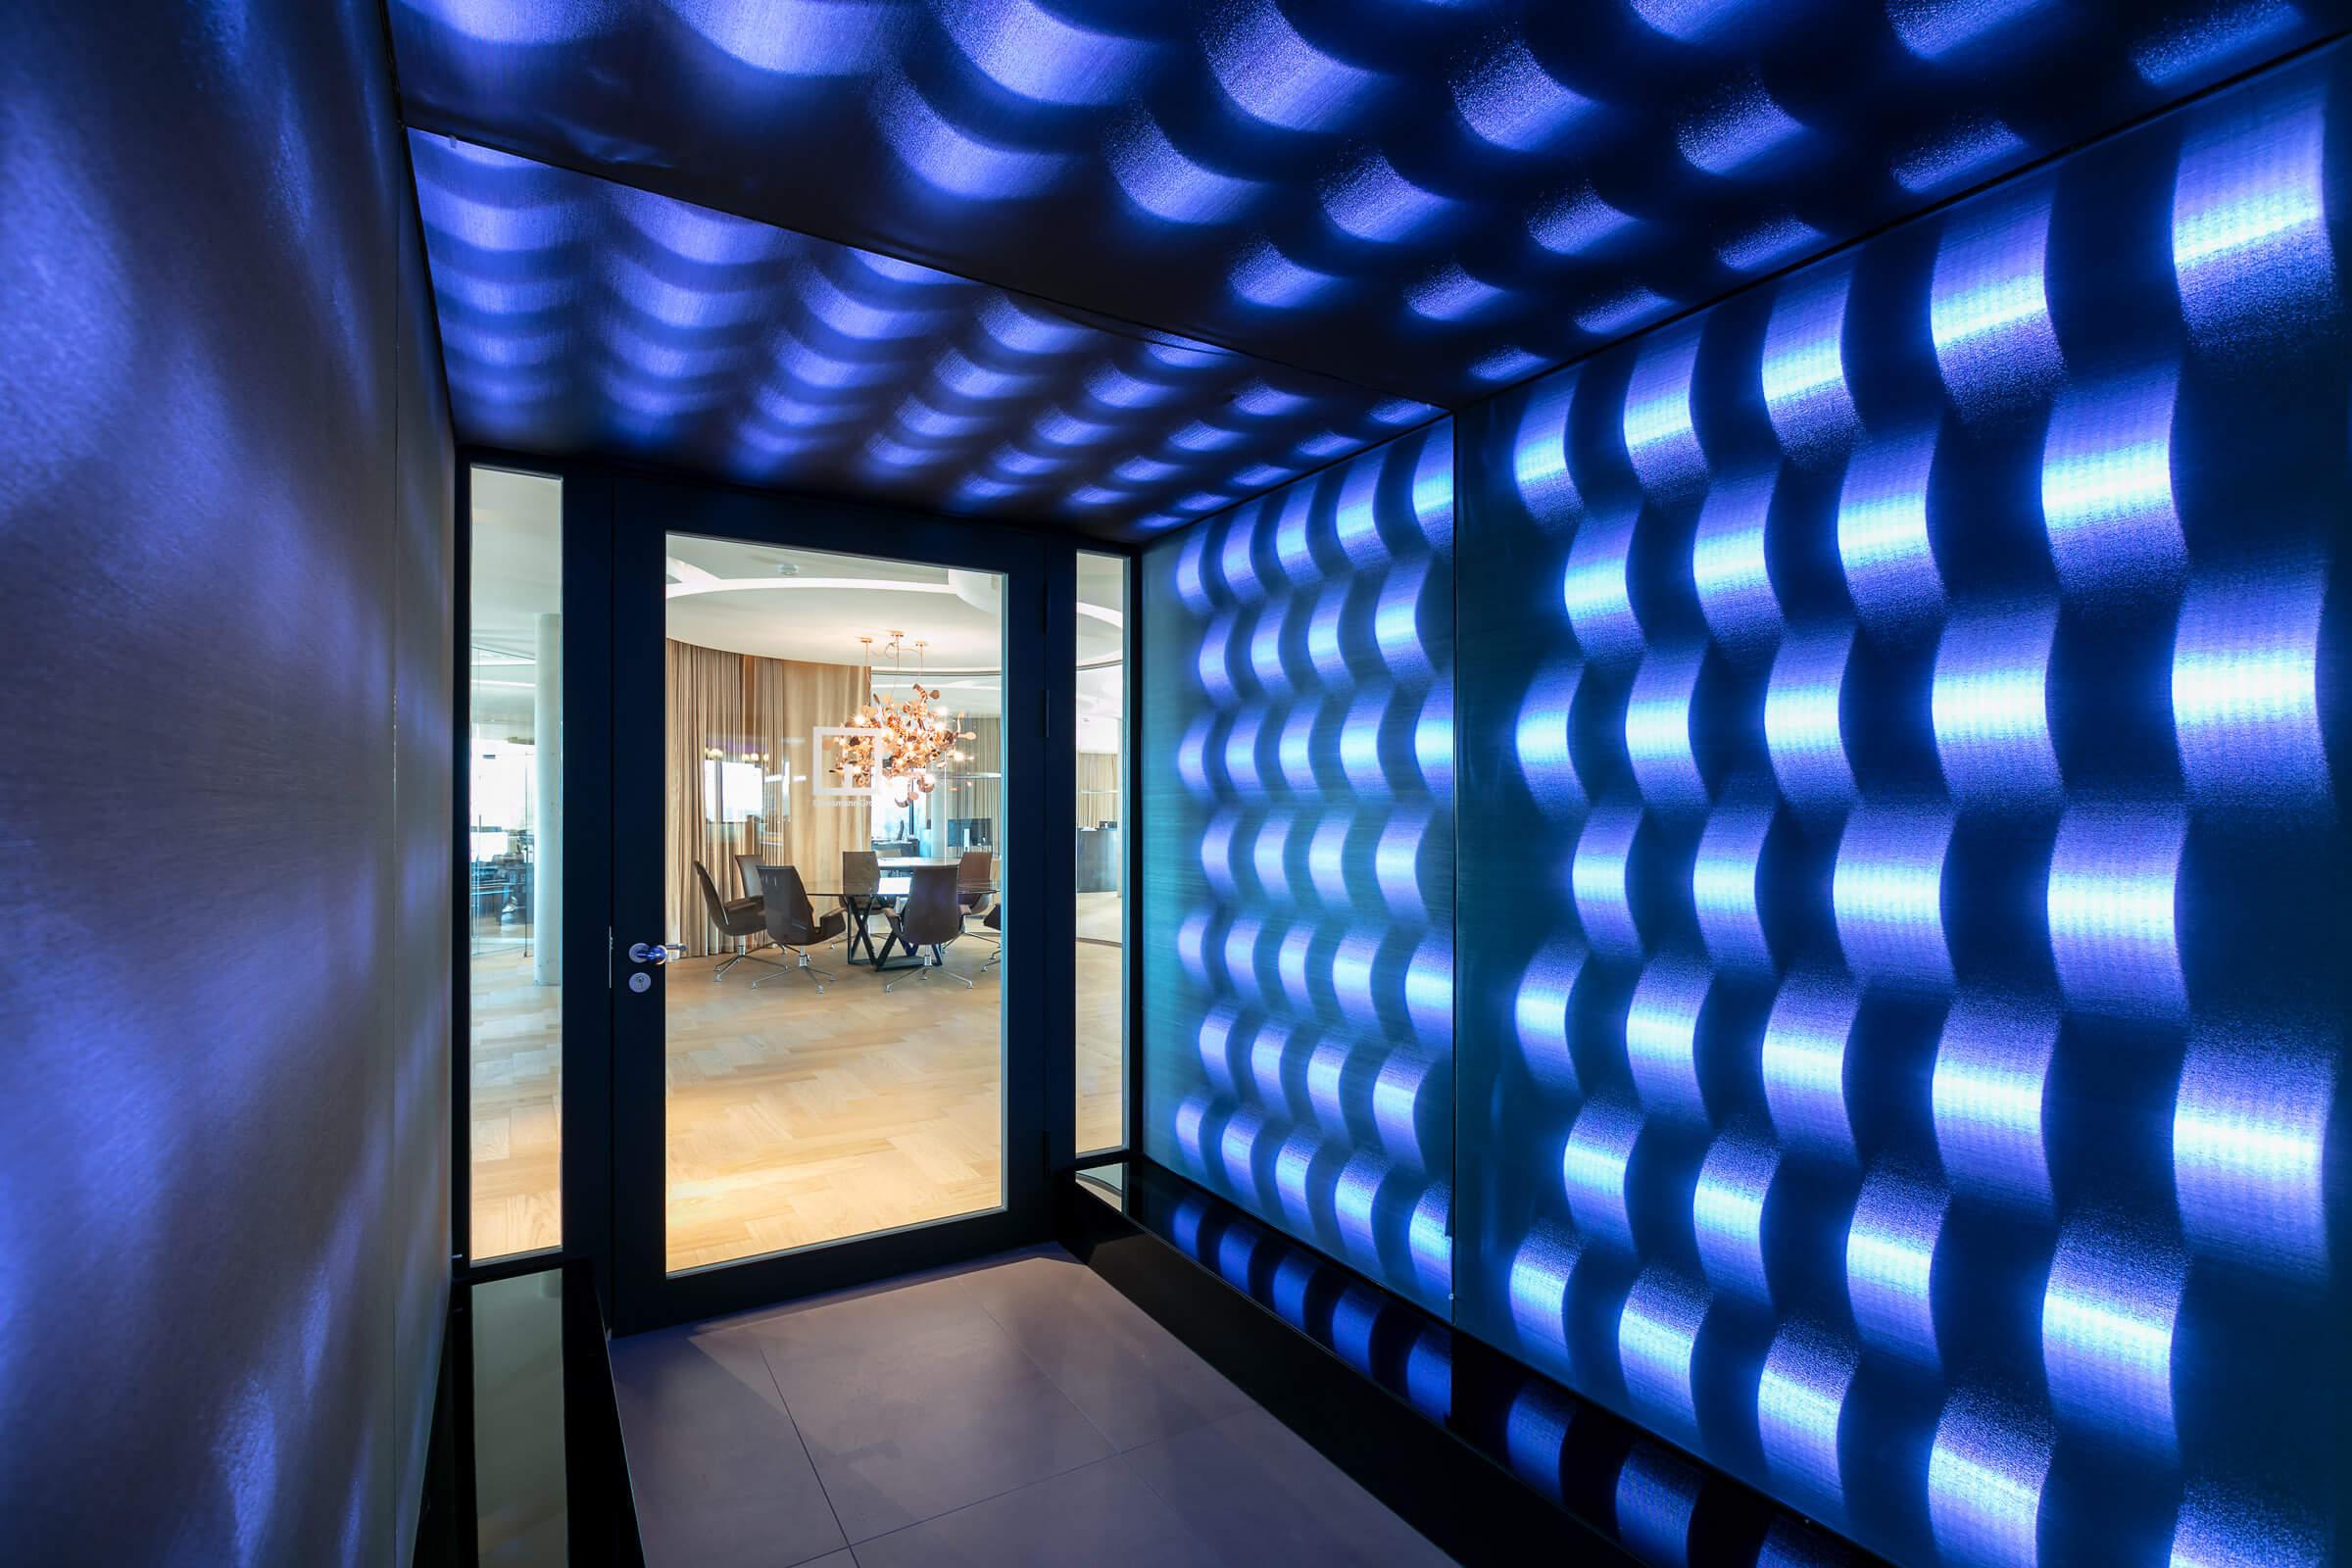 Ein seitlicher Anblick eines Eingangsbereiches von Grossman Group in blau leuchtenden Farben